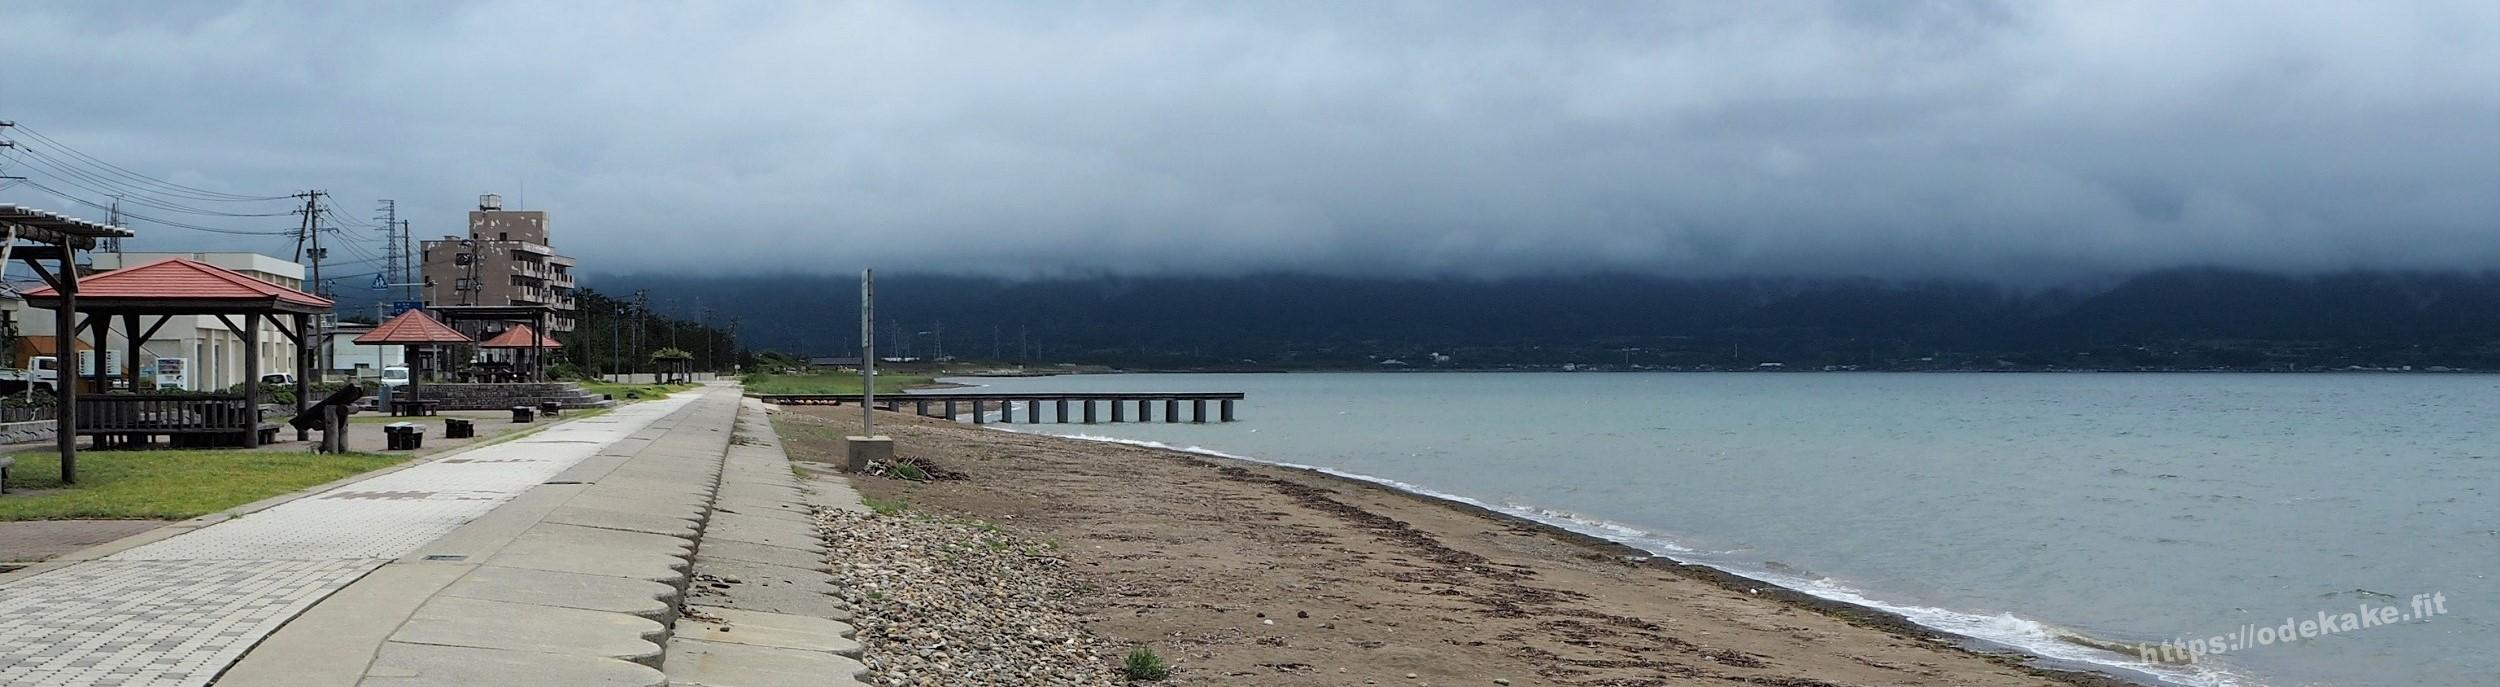 【佐渡】汚い?くもりすぎ?佐和田海水浴場の海に来たよ。遊歩道は綺麗。